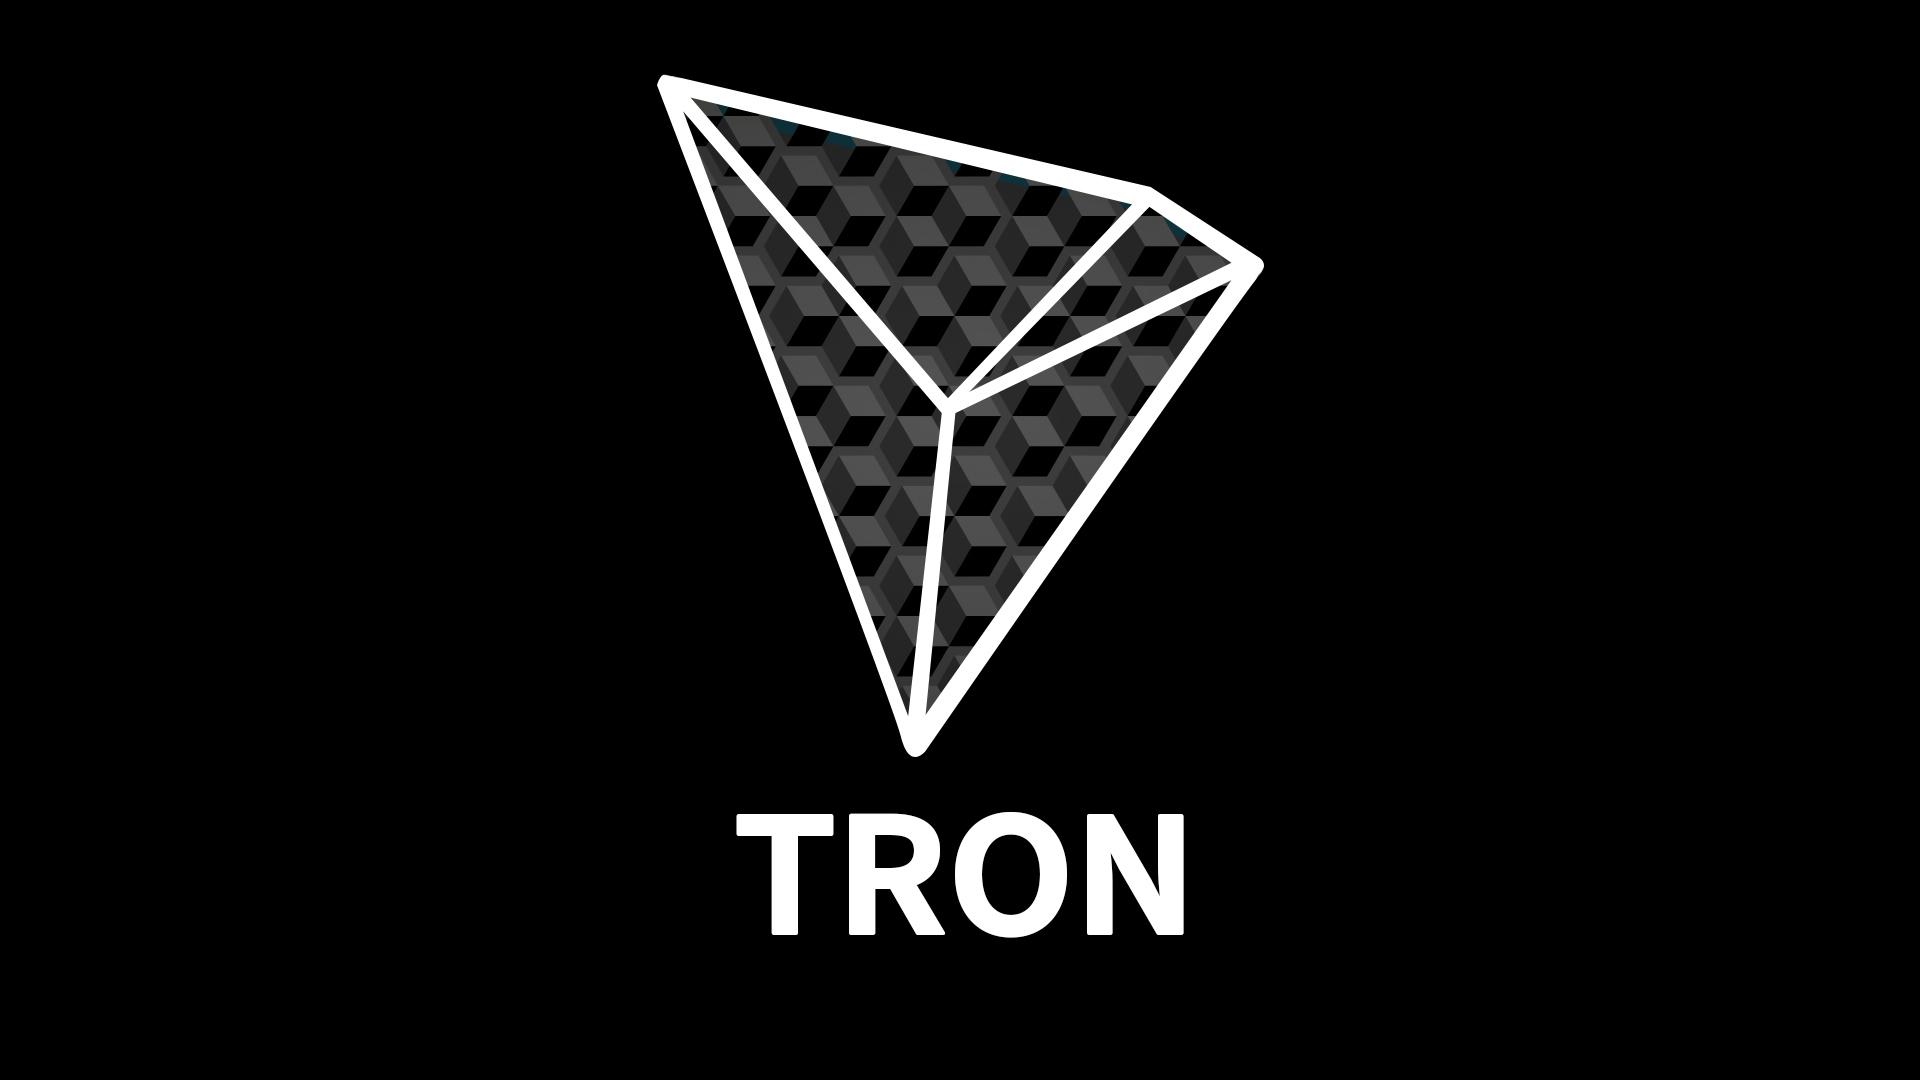 Tron Nedir ve Tron Kullanmanın Amacı?